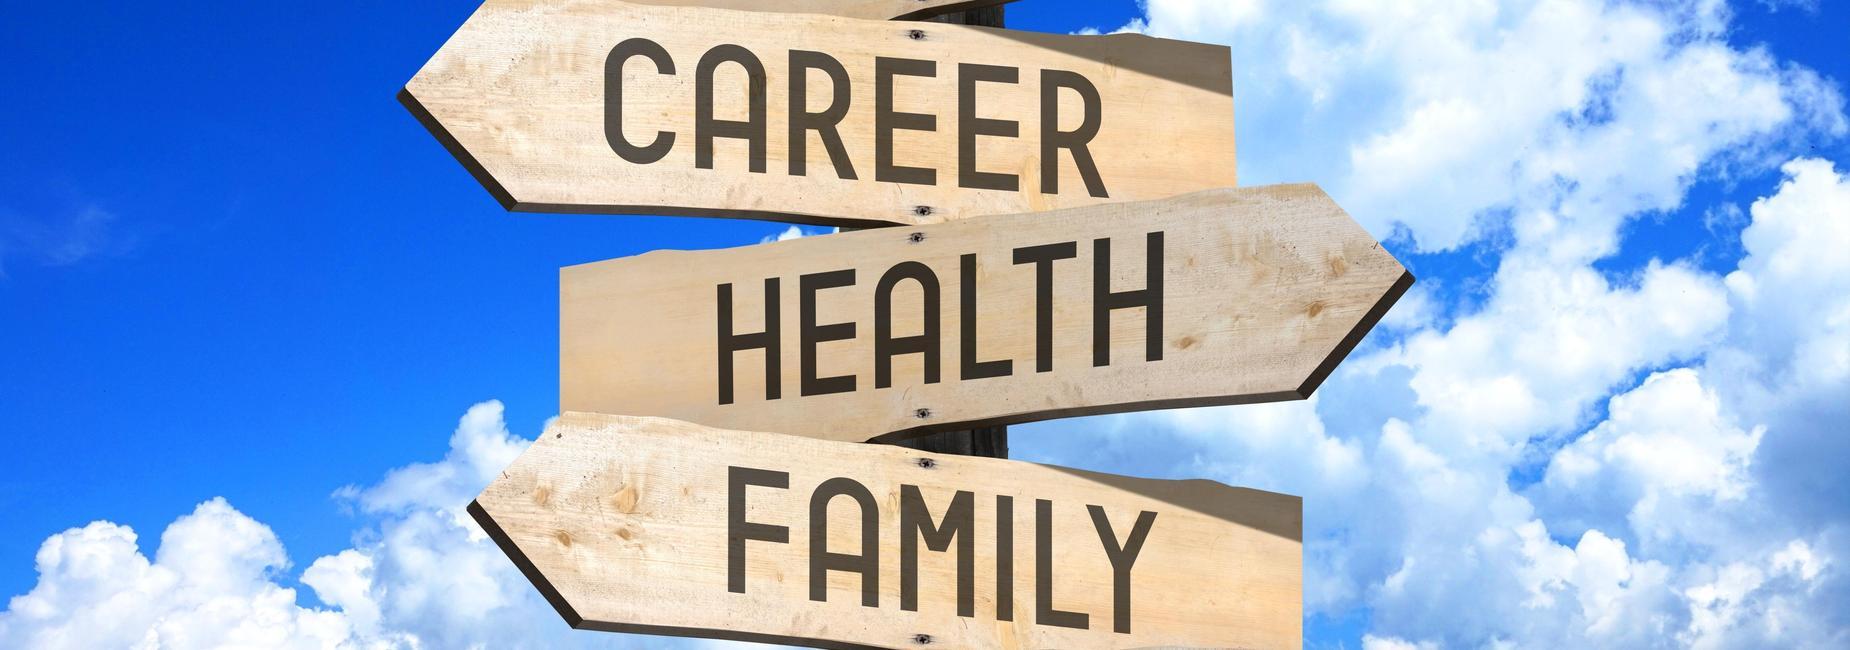 Arrows with career,health